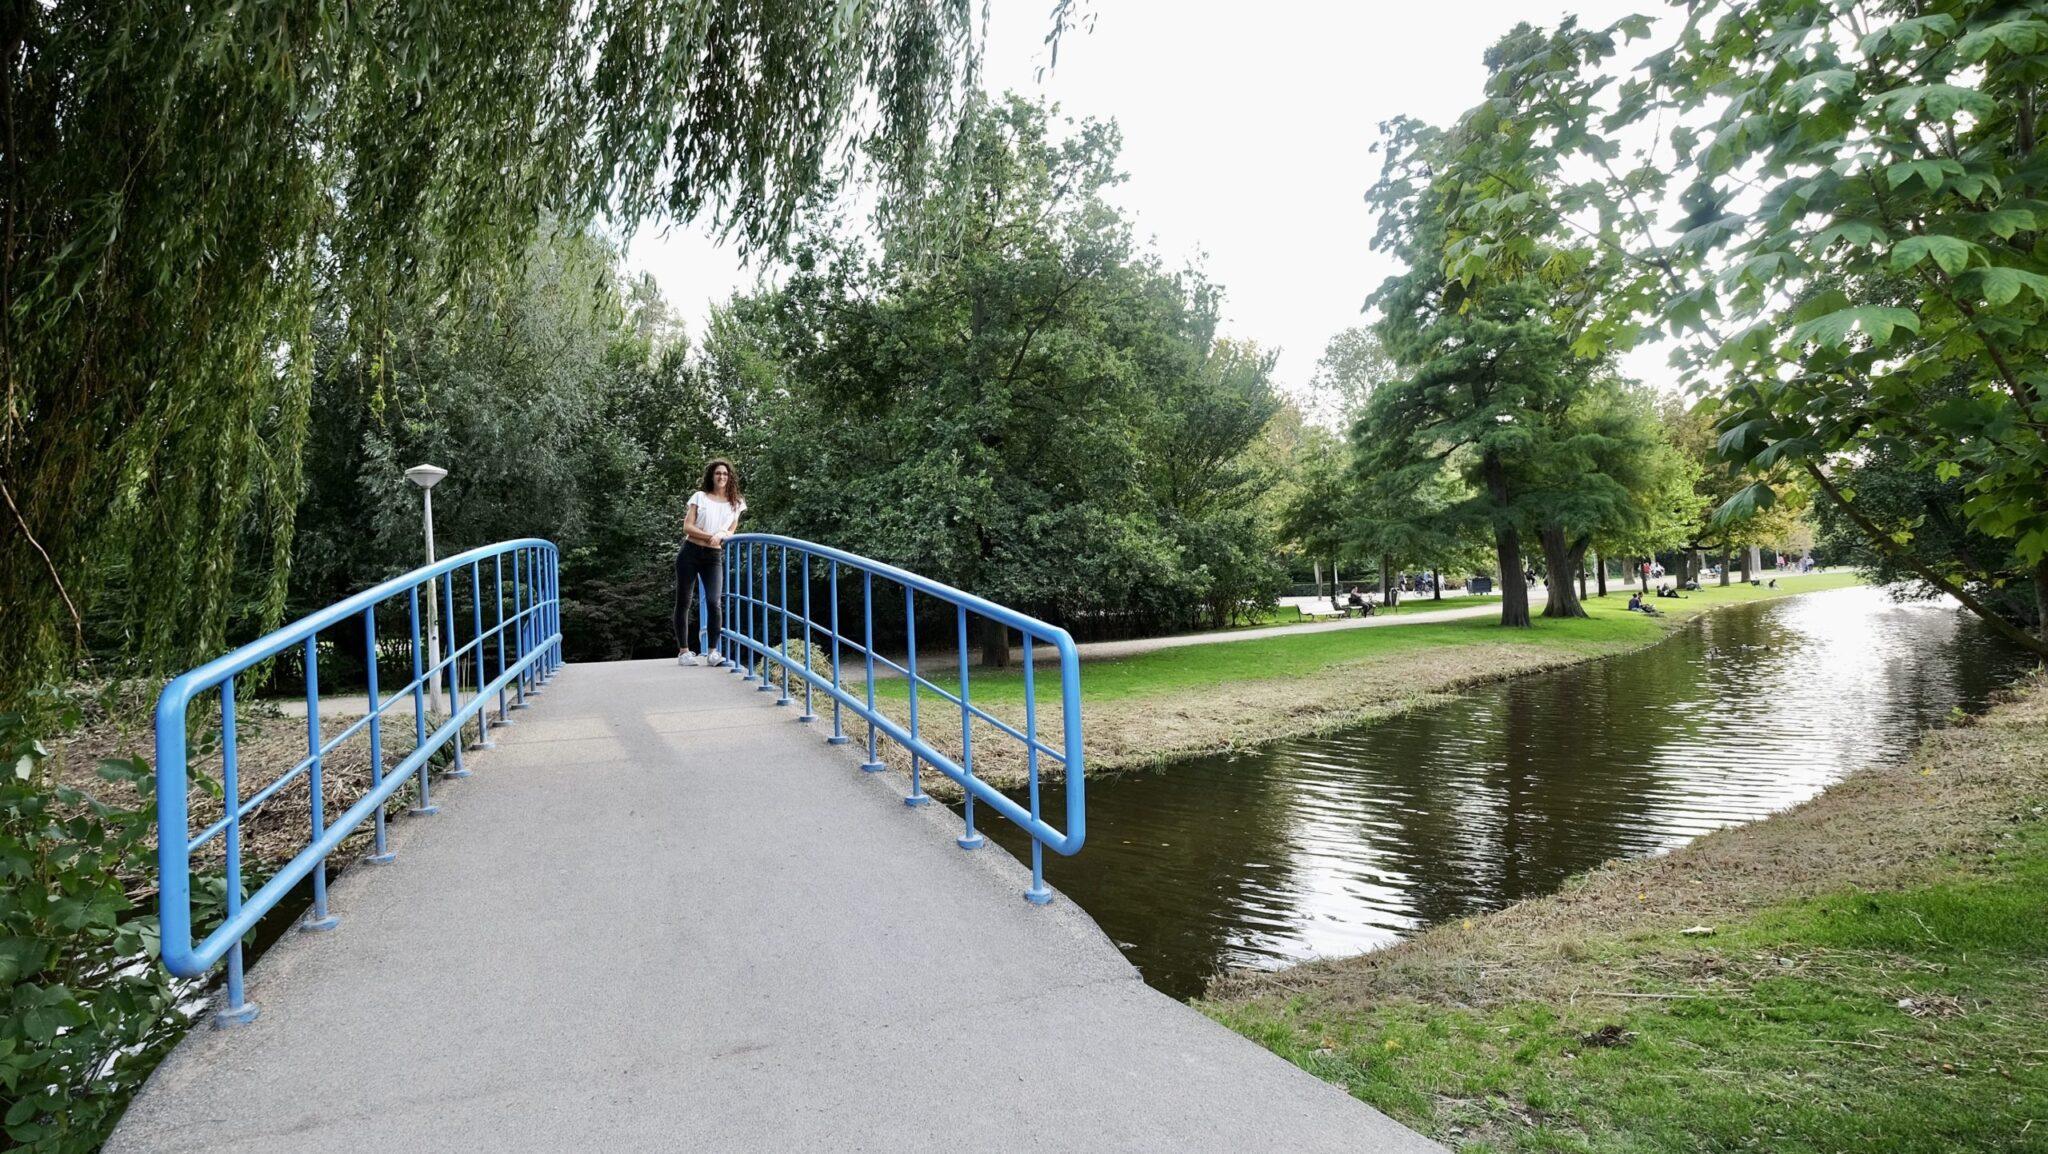 volderpark, holanda